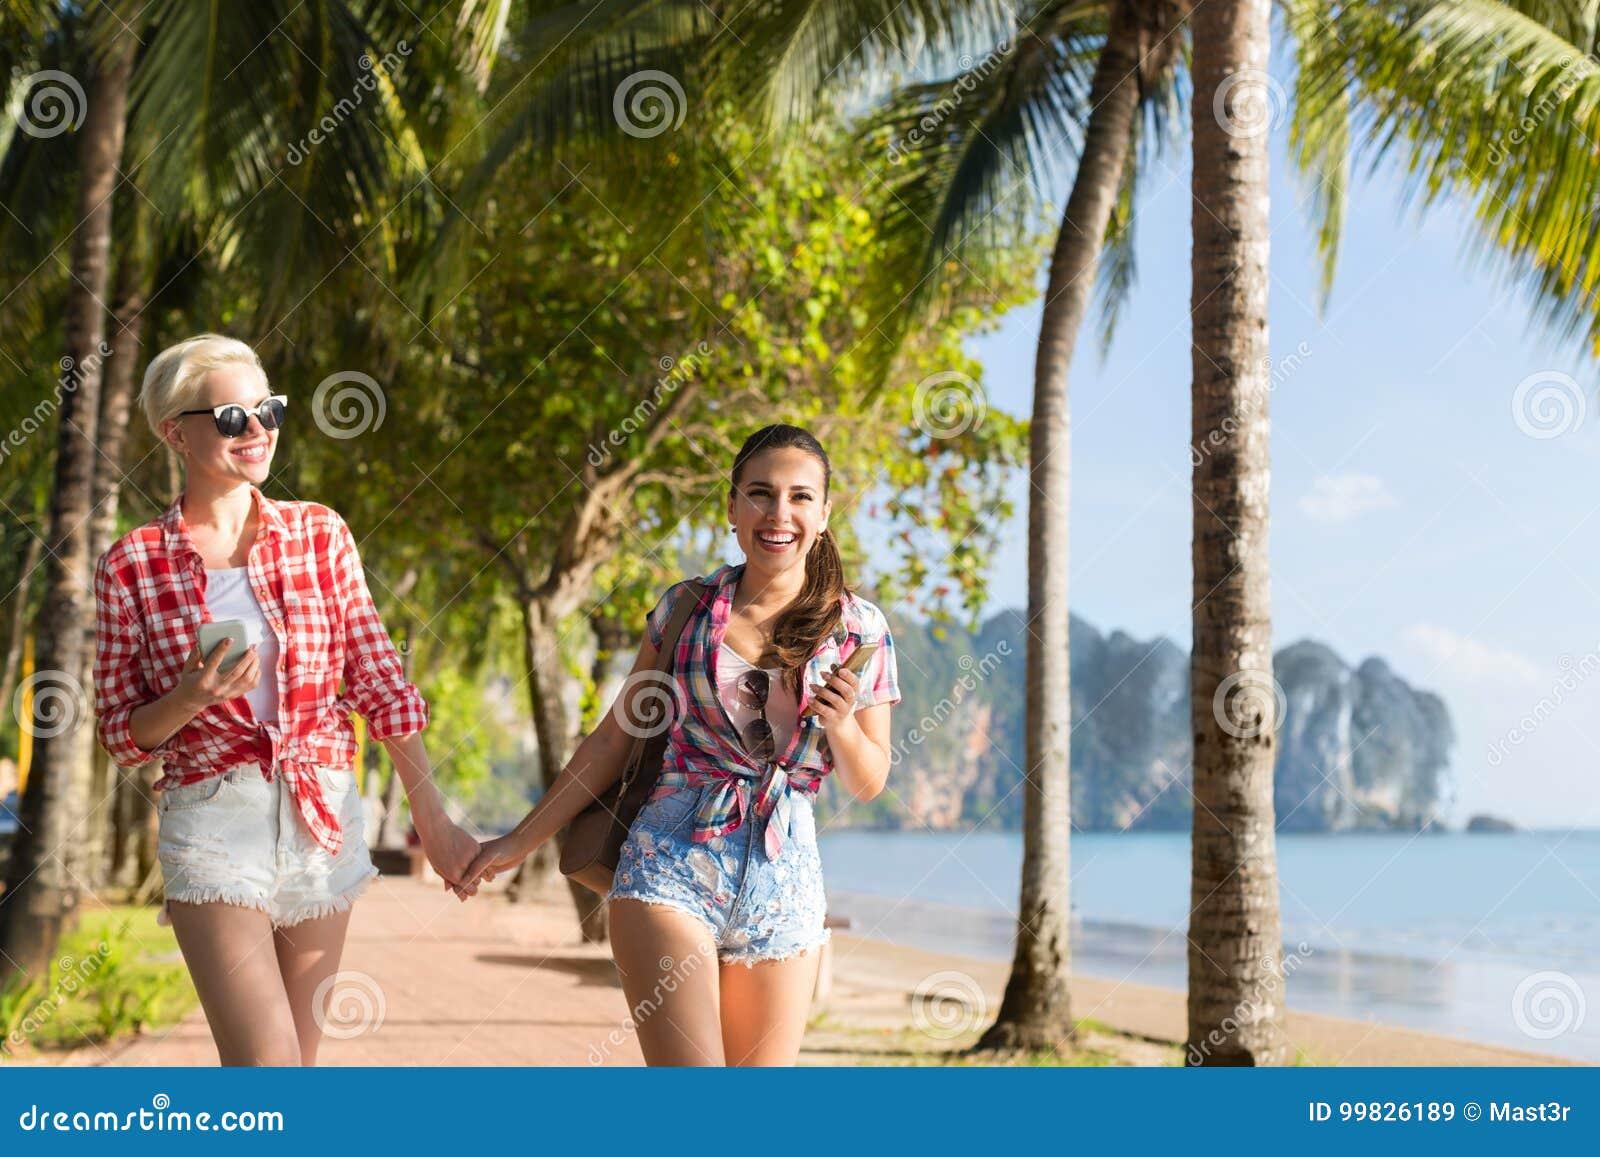 Δύο χέρια λαβής γυναικών που περπατούν στο τροπικό πάρκο φοινίκων στην παραλία, όμορφο νέο θηλυκό ζεύγος στις θερινές διακοπές